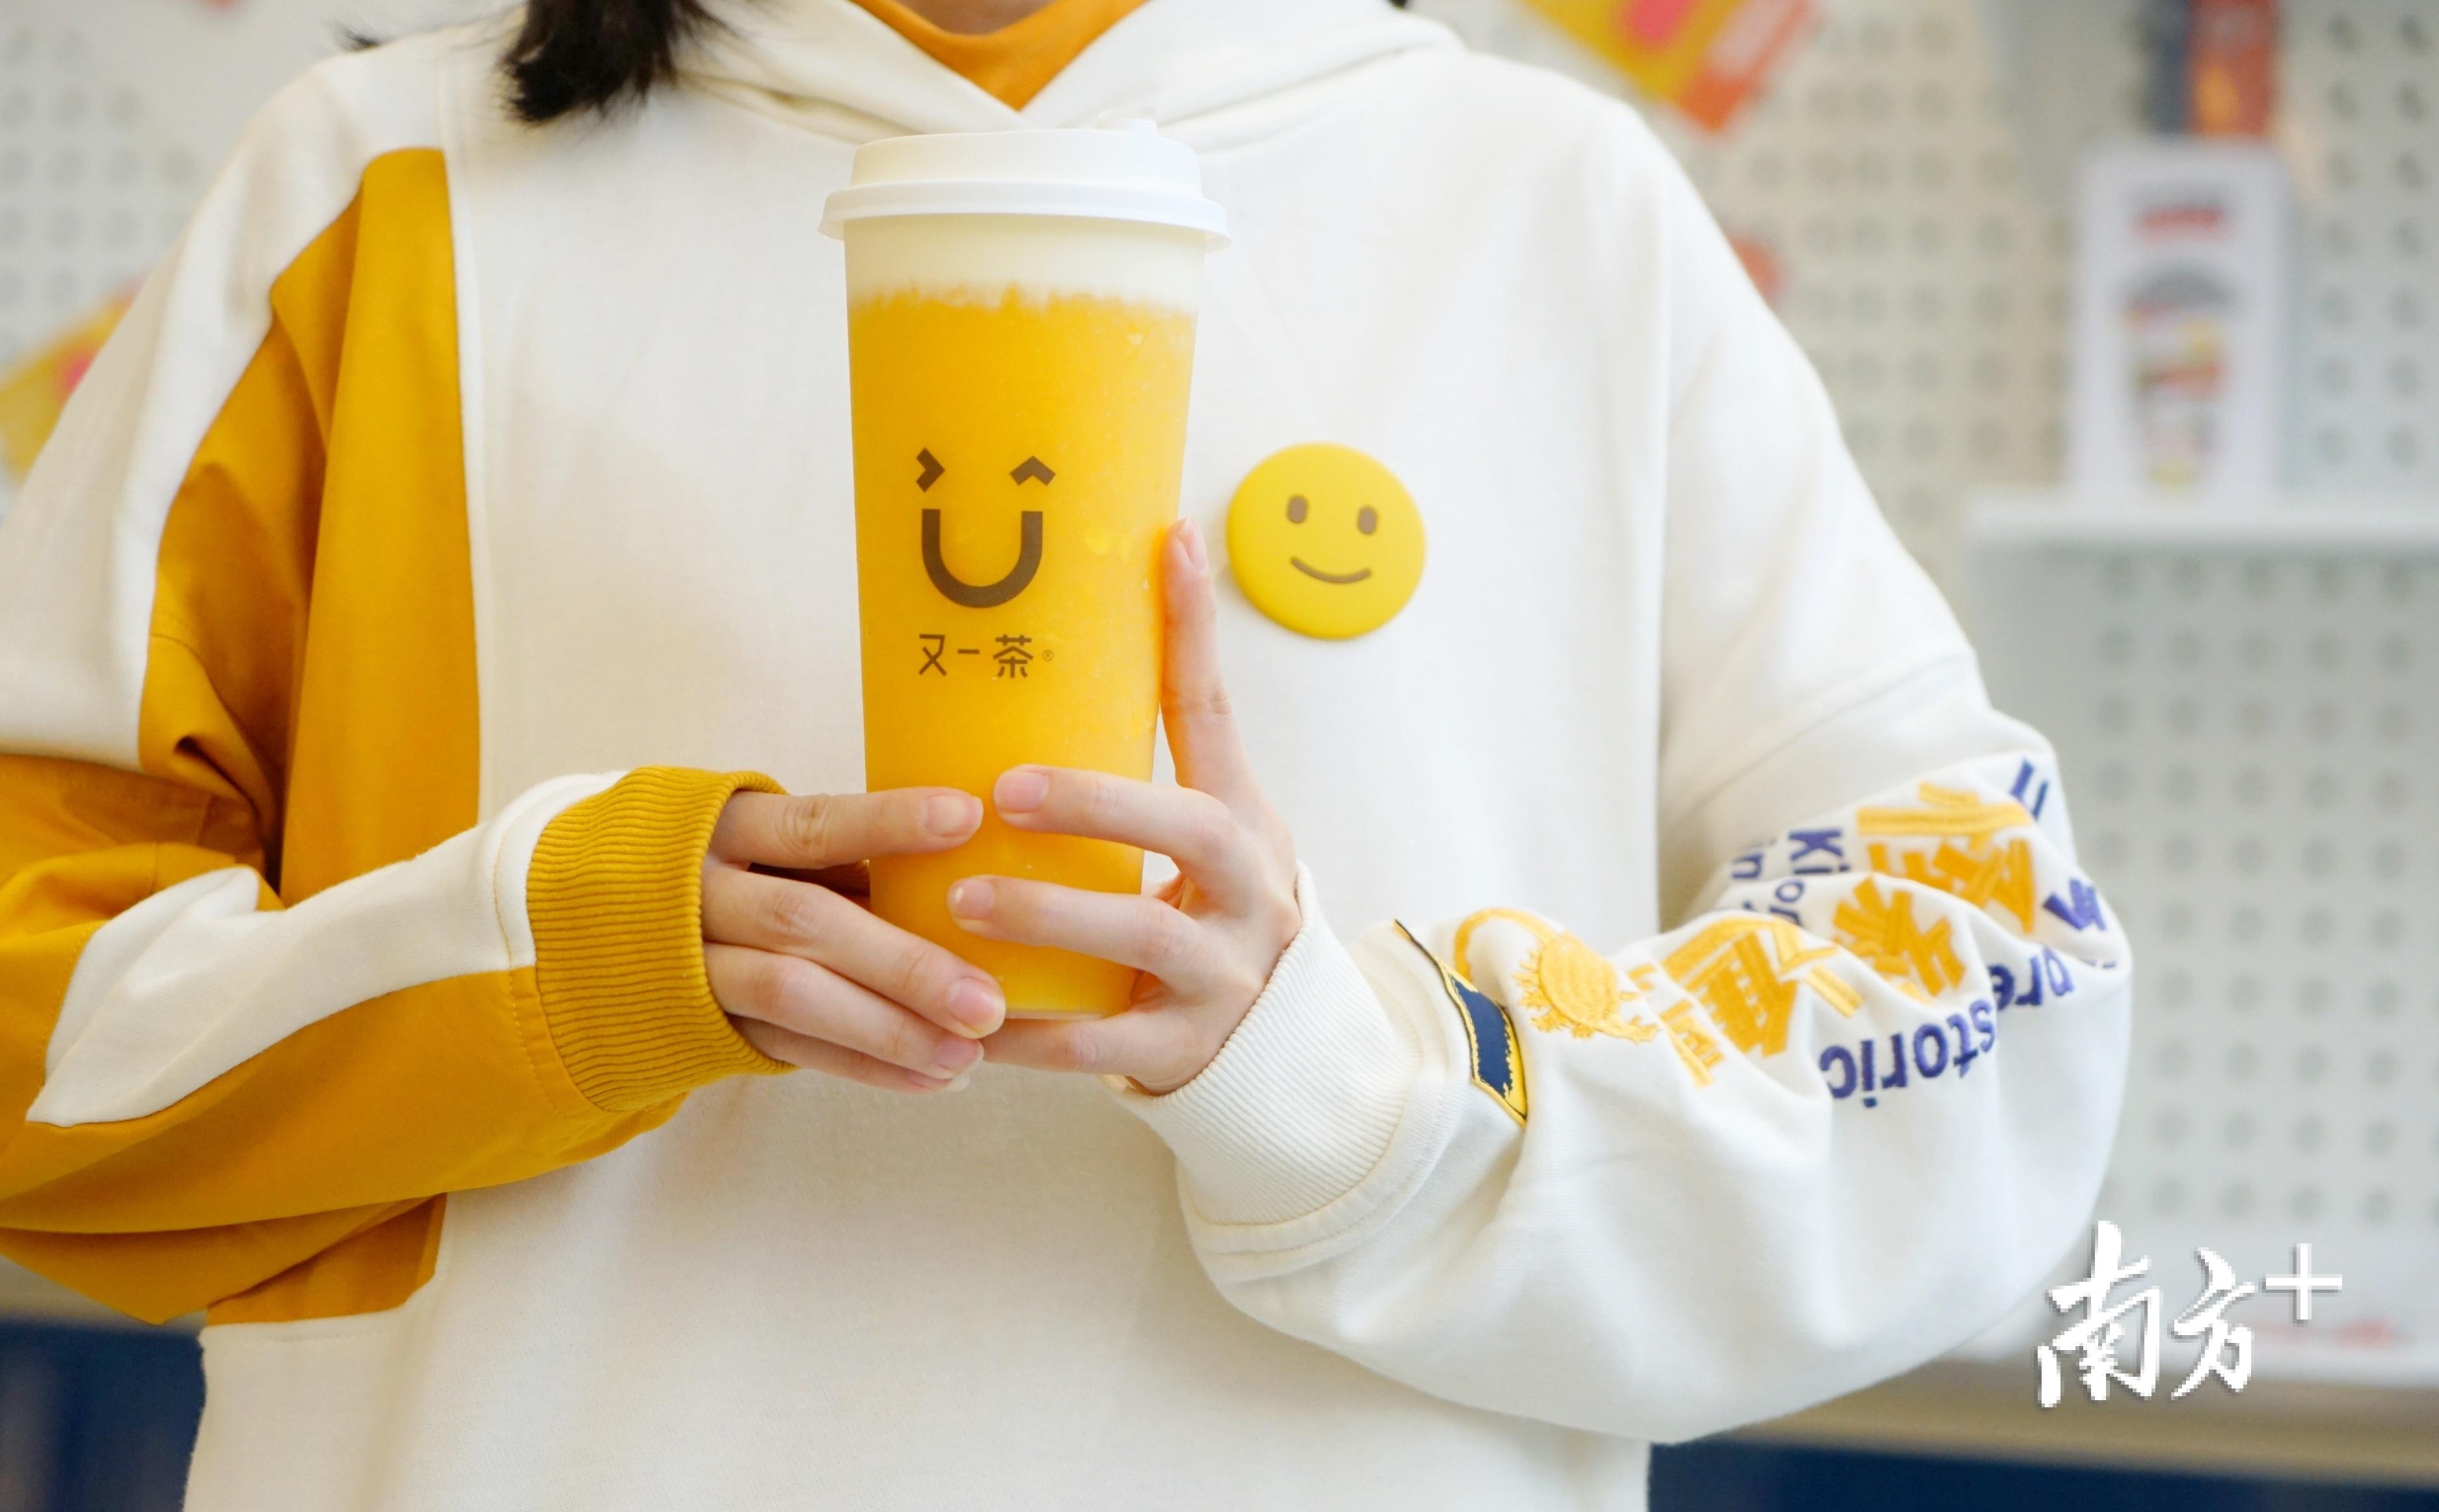 又一茶通过让利消费者,提升消费者信心。